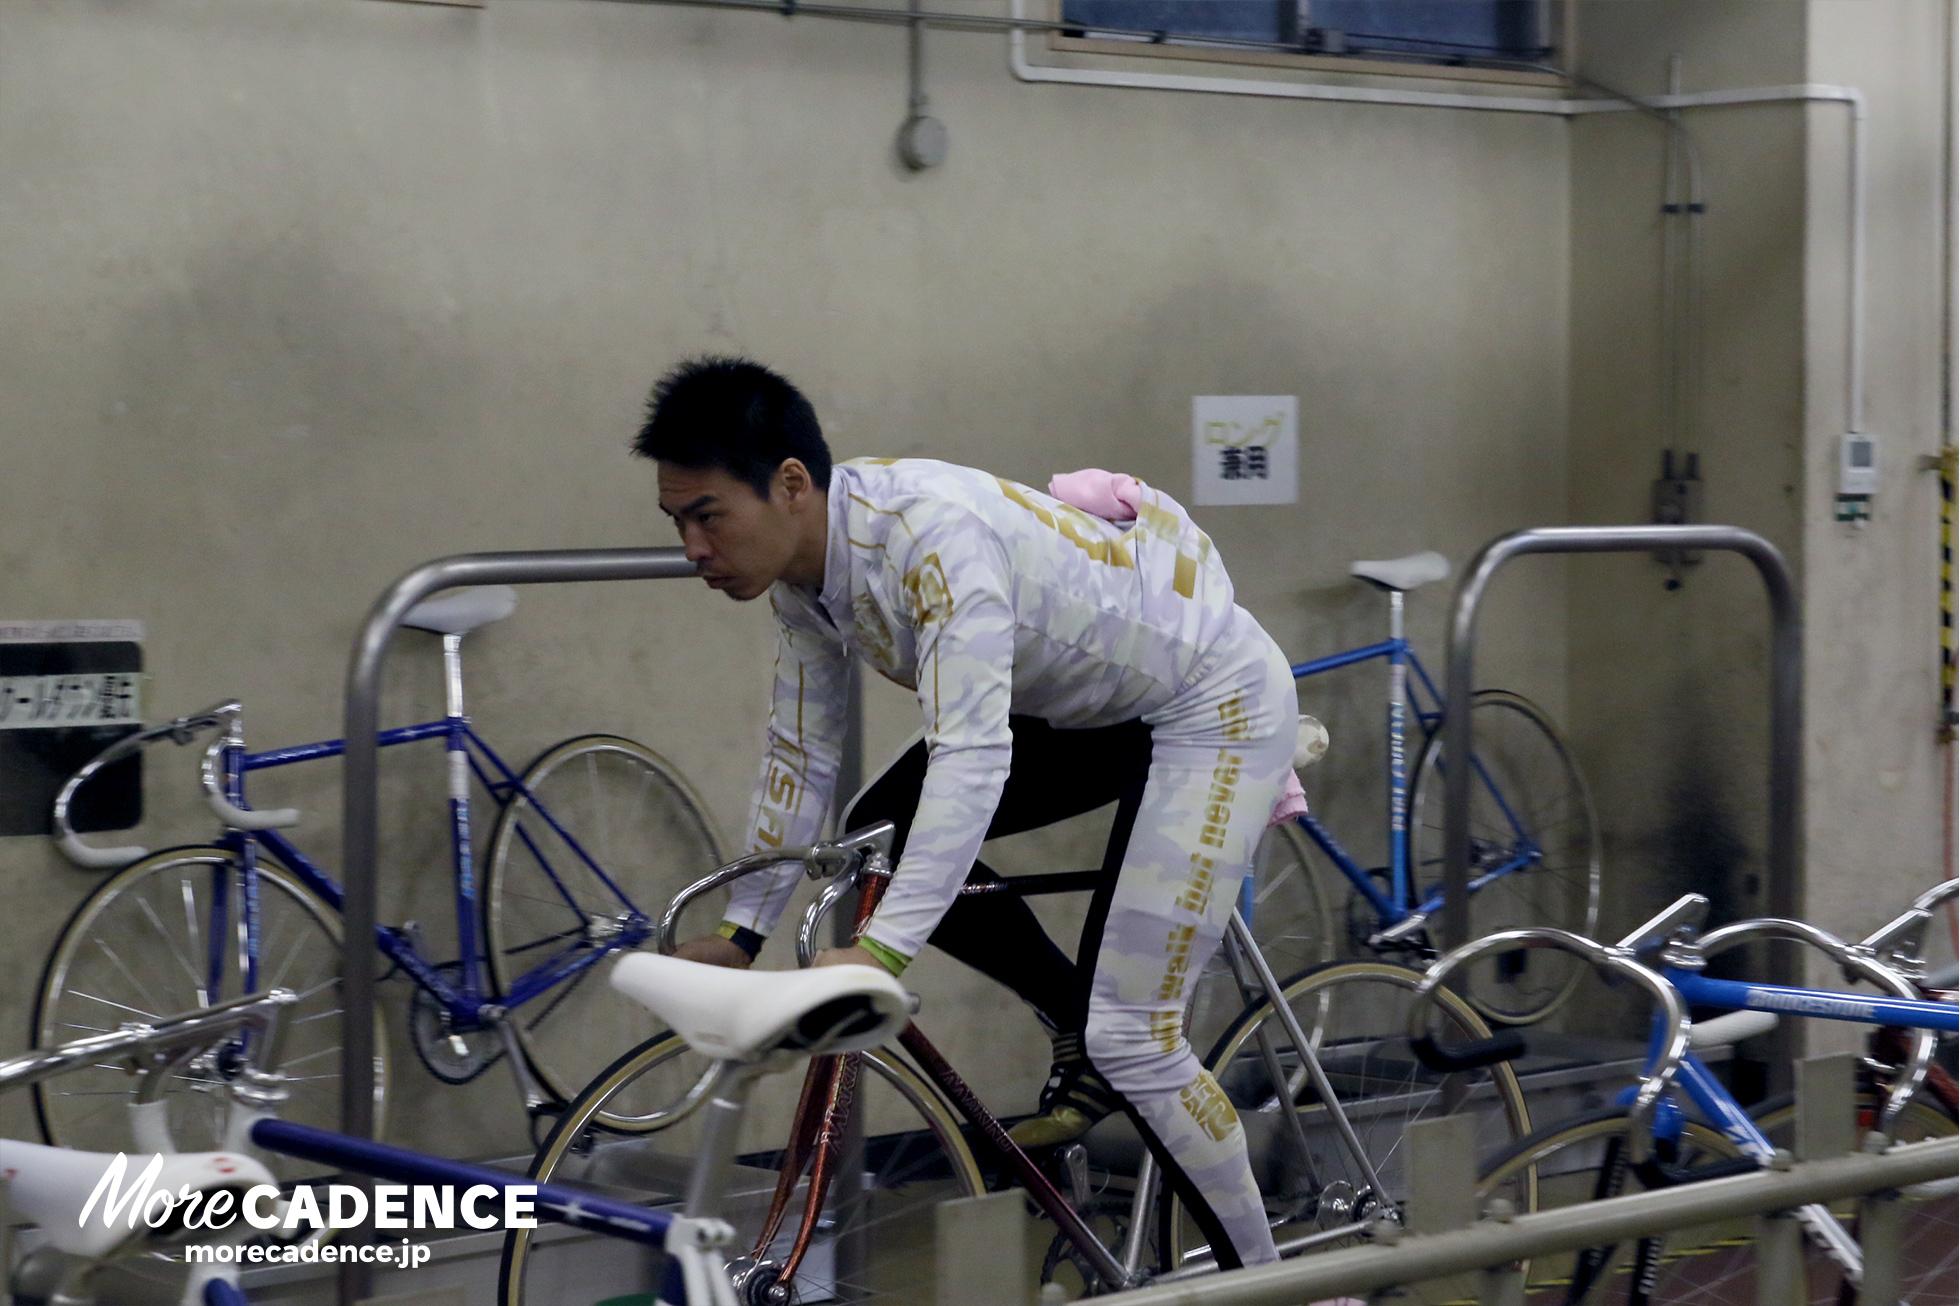 検車場の中を自転車で回る浅井選手